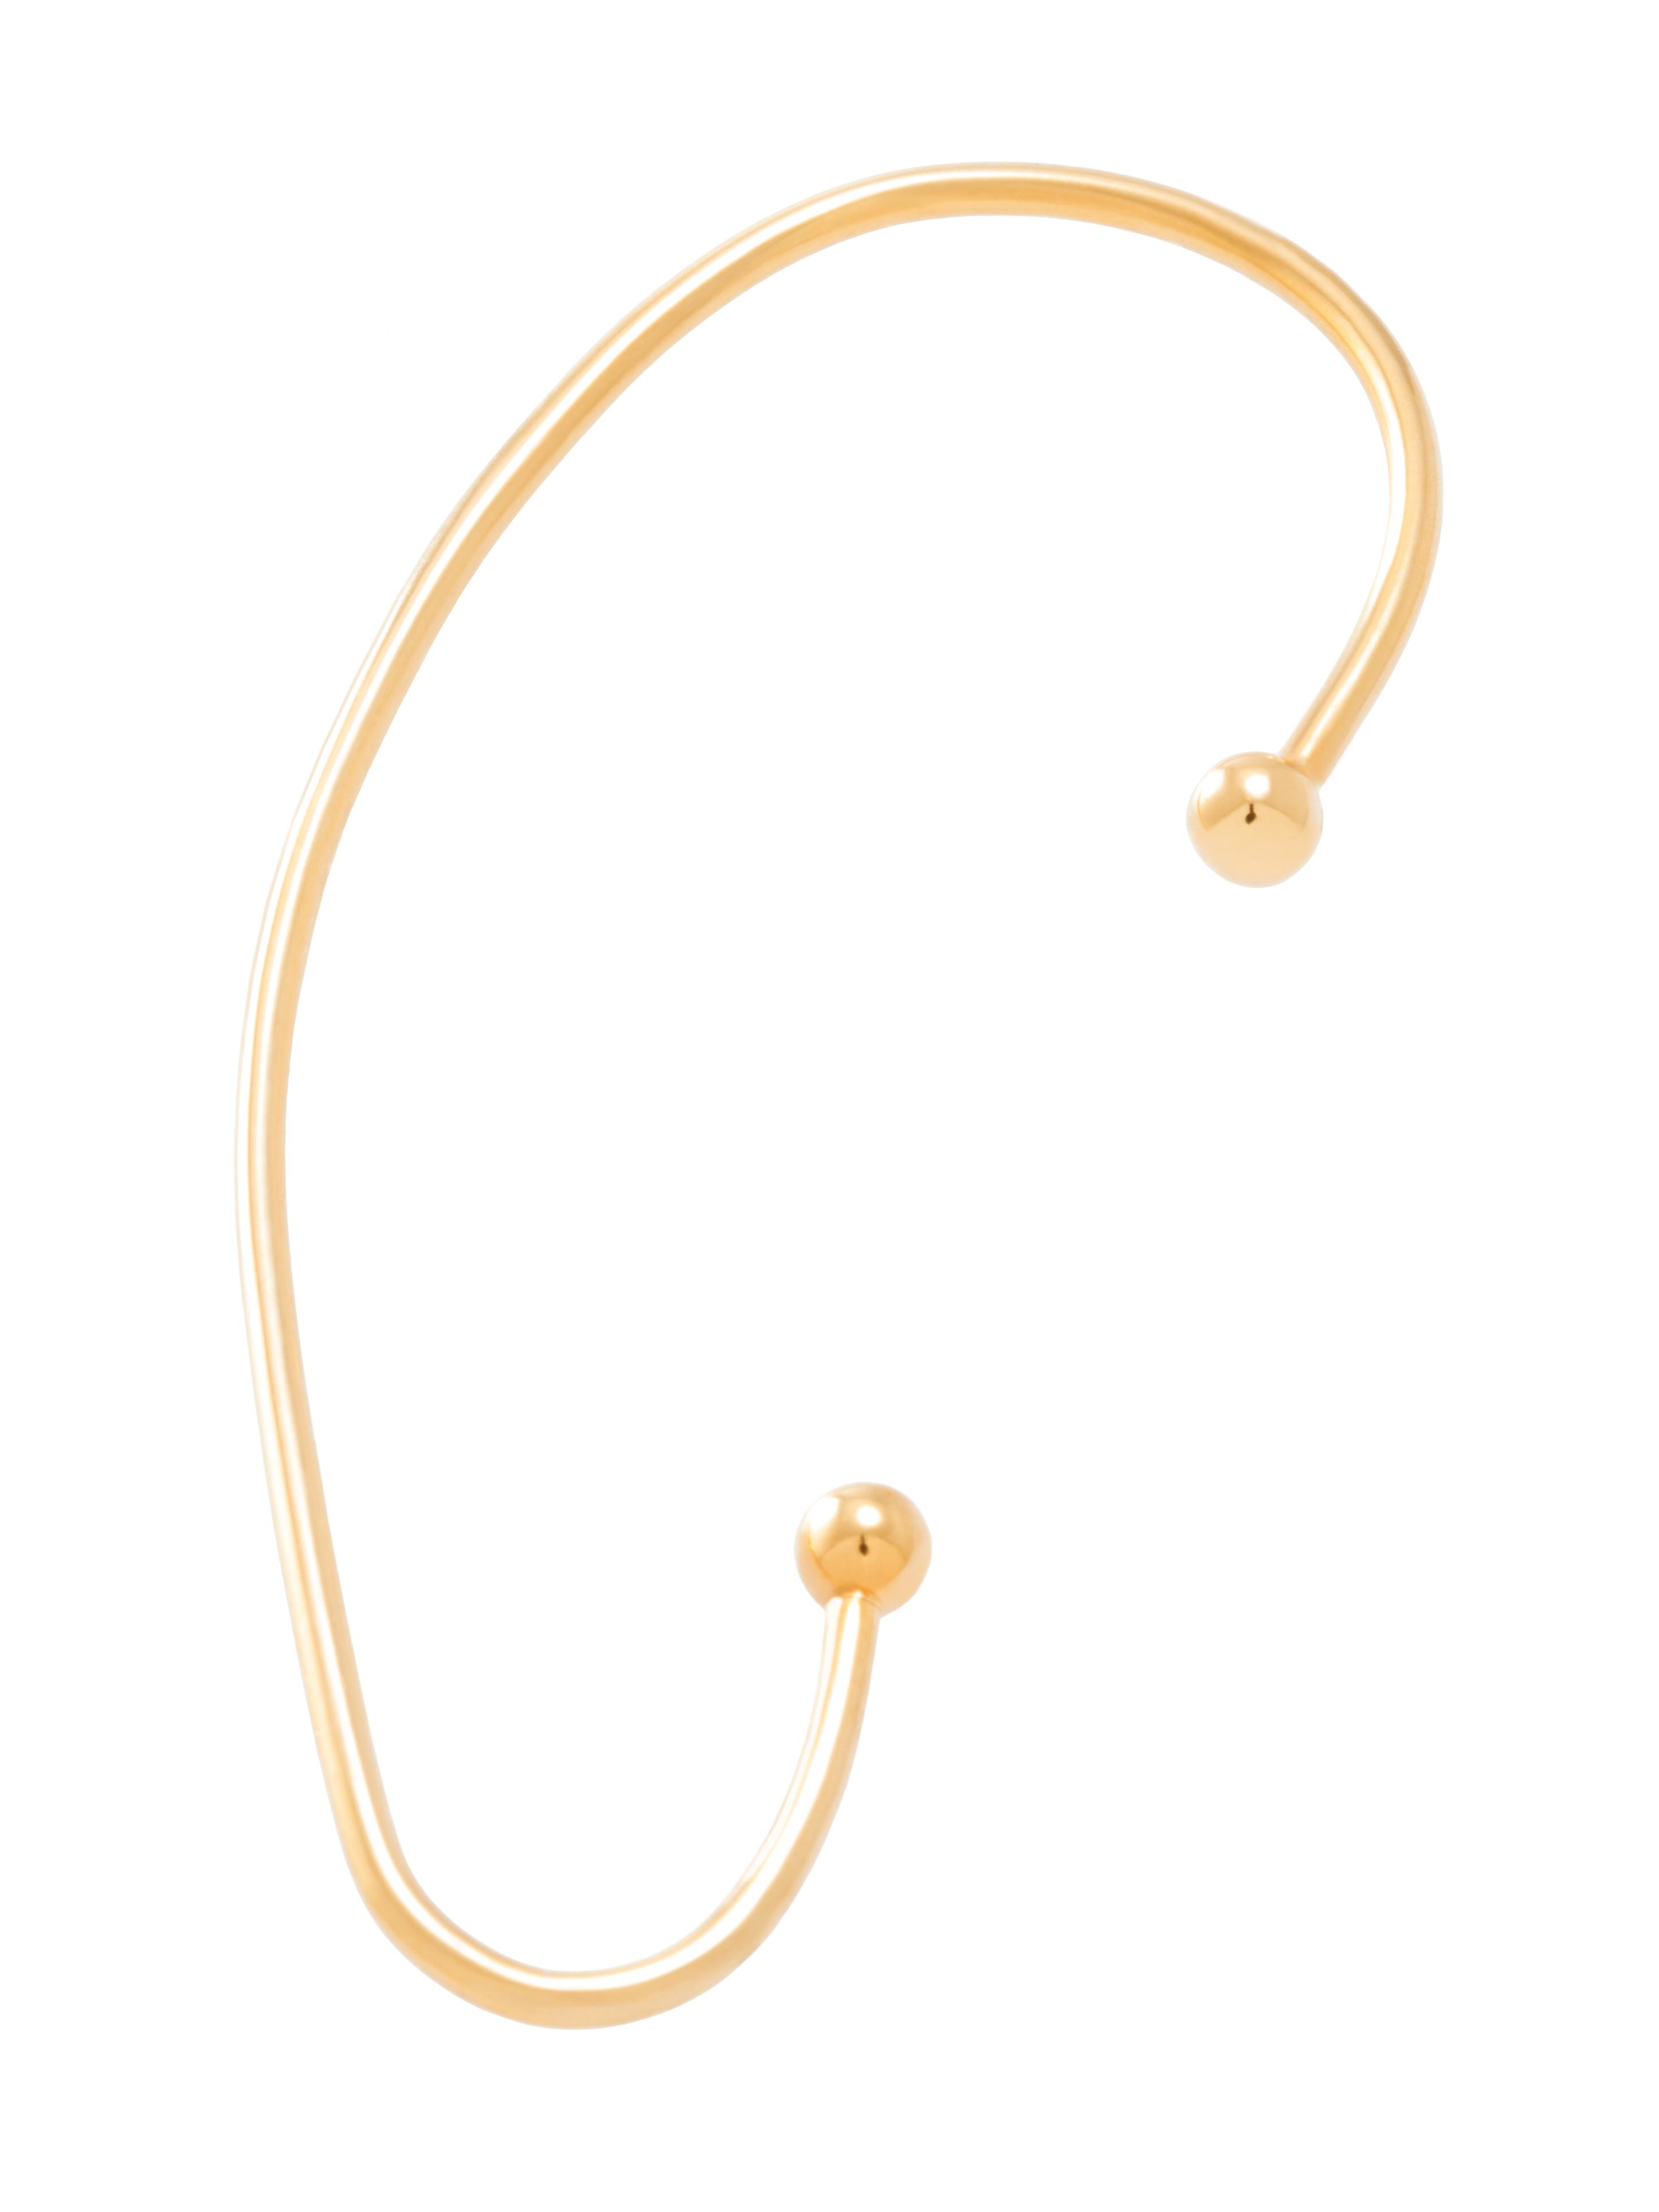 moie Złota nausznica z kulkami minimalistyczna biżuteria moie